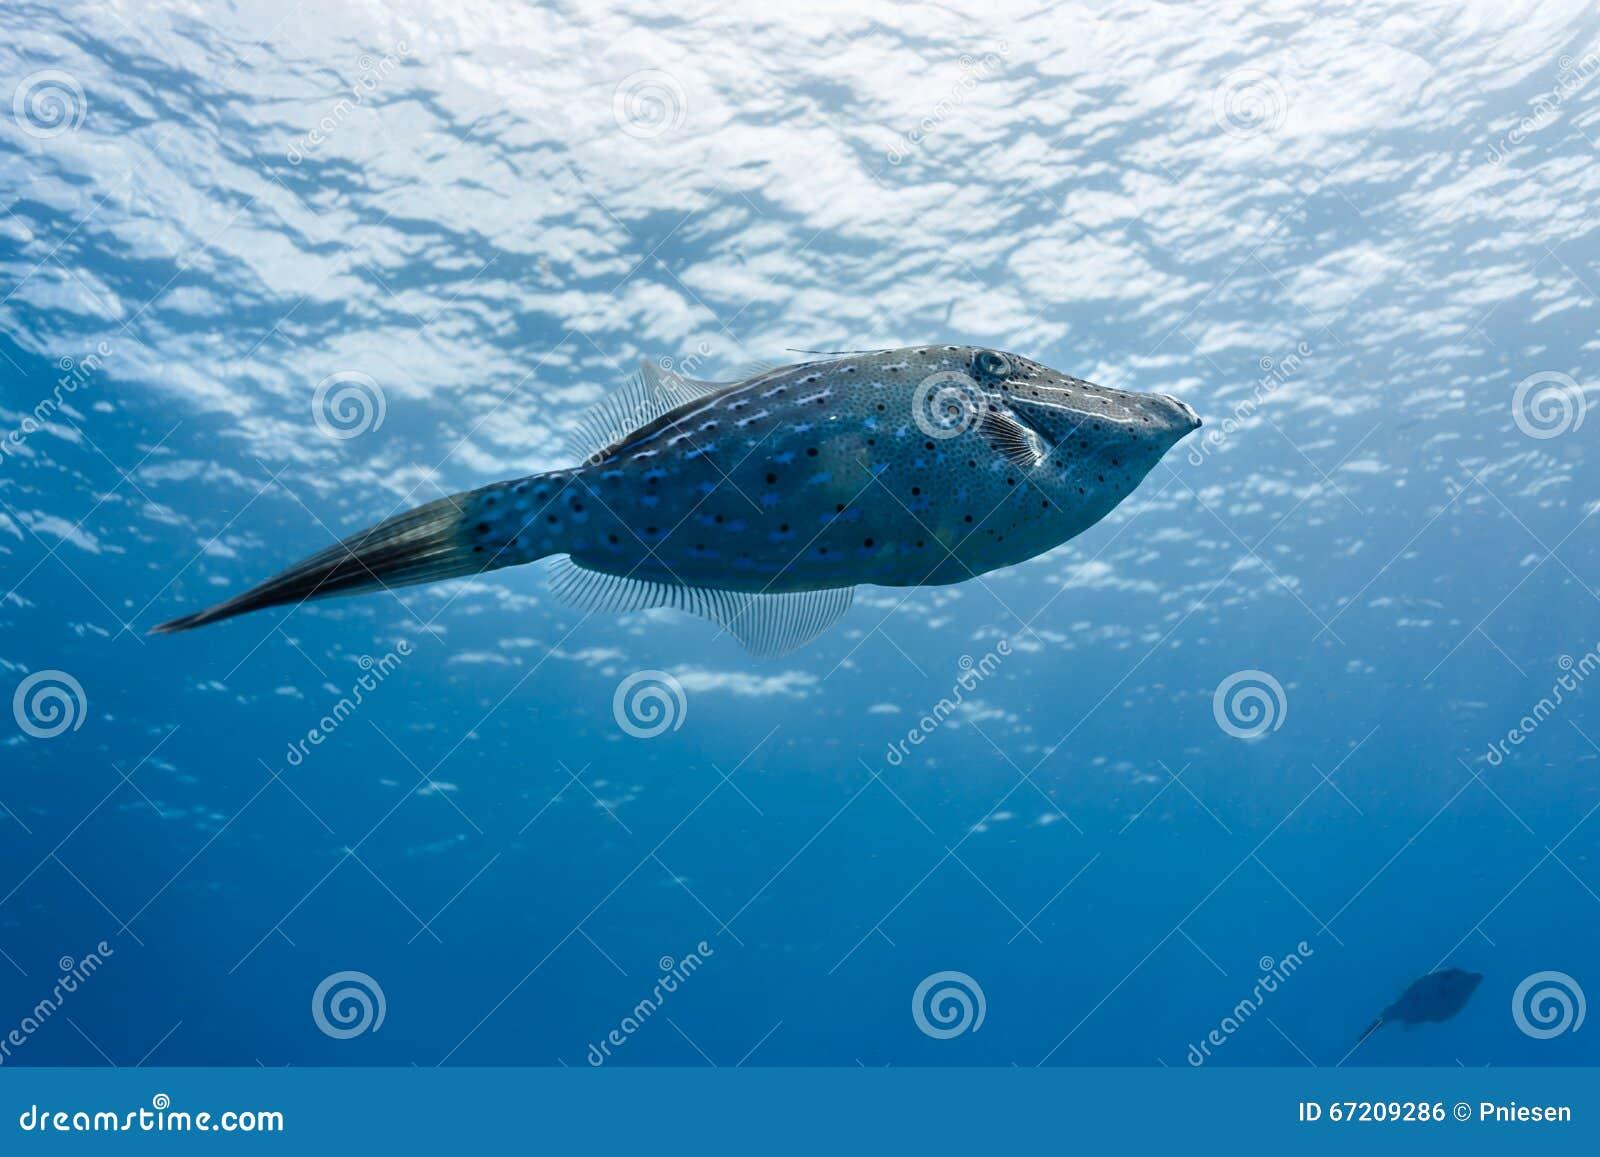 梦到大海里游泳被鱼咬